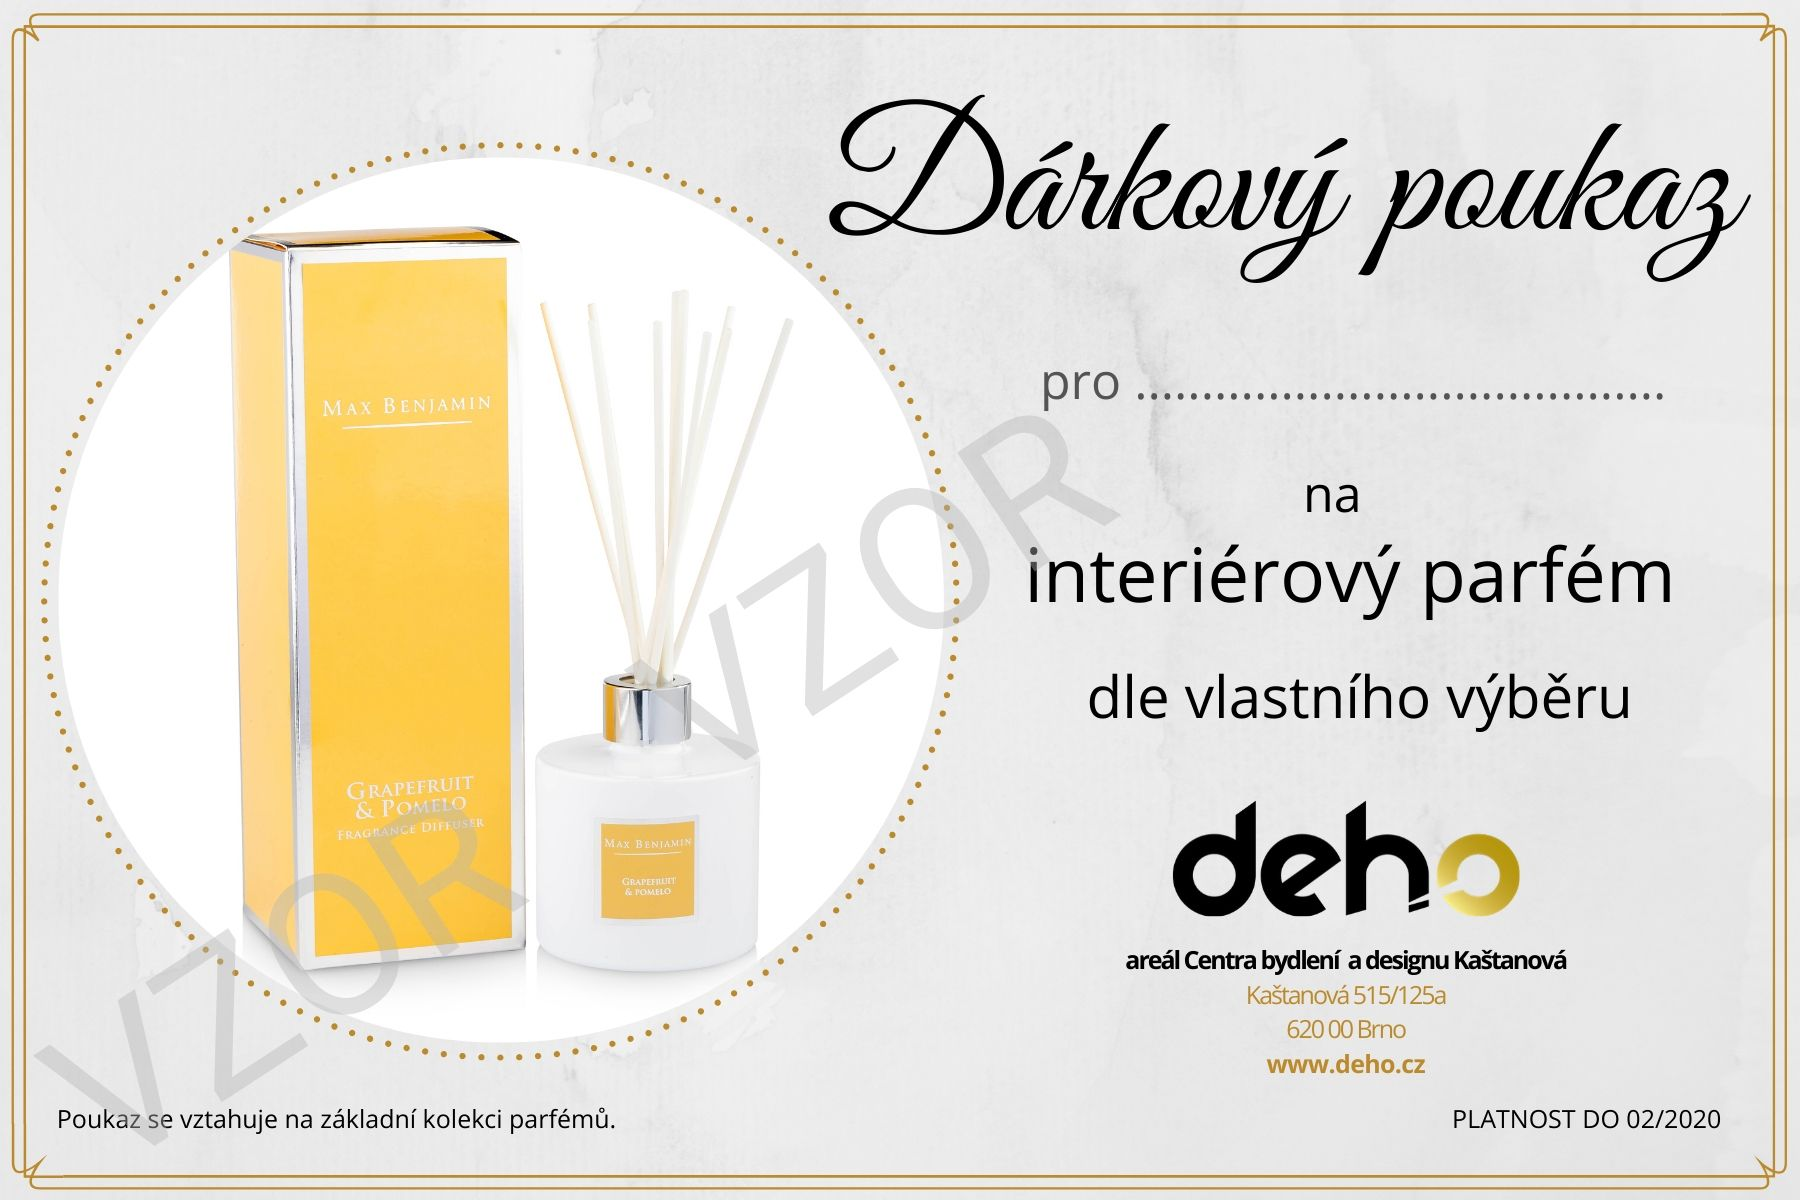 Dárkový poukaz na interiérový parfém